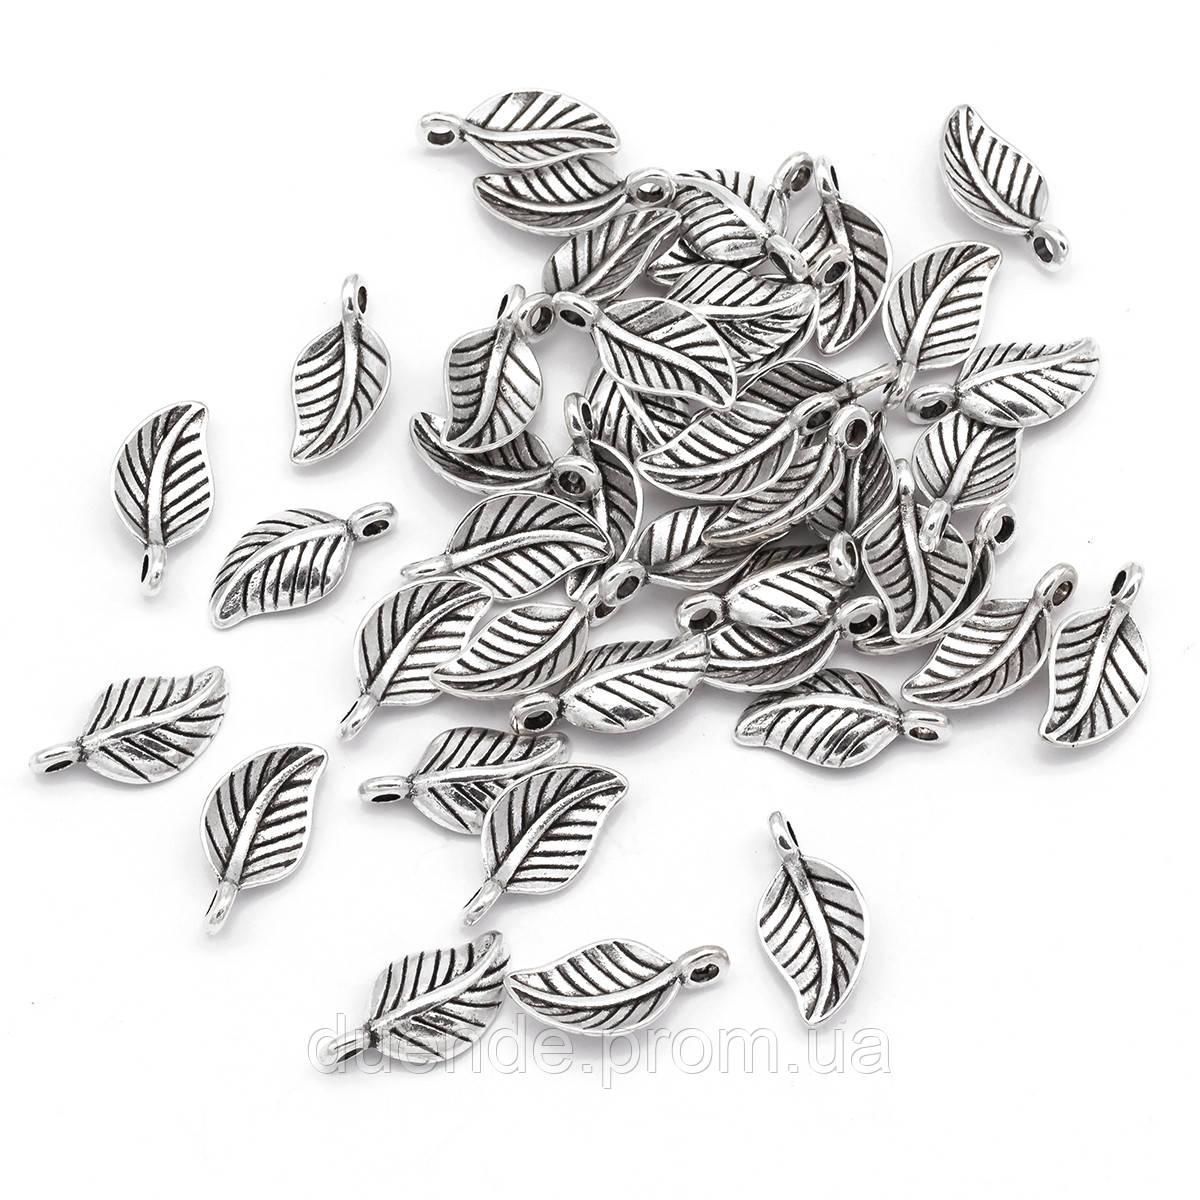 Підвіски для браслетів Листочки античне срібло, розмір 14.5x7.5х4мм, 1 уп - 5 шт \ Sf - 020867